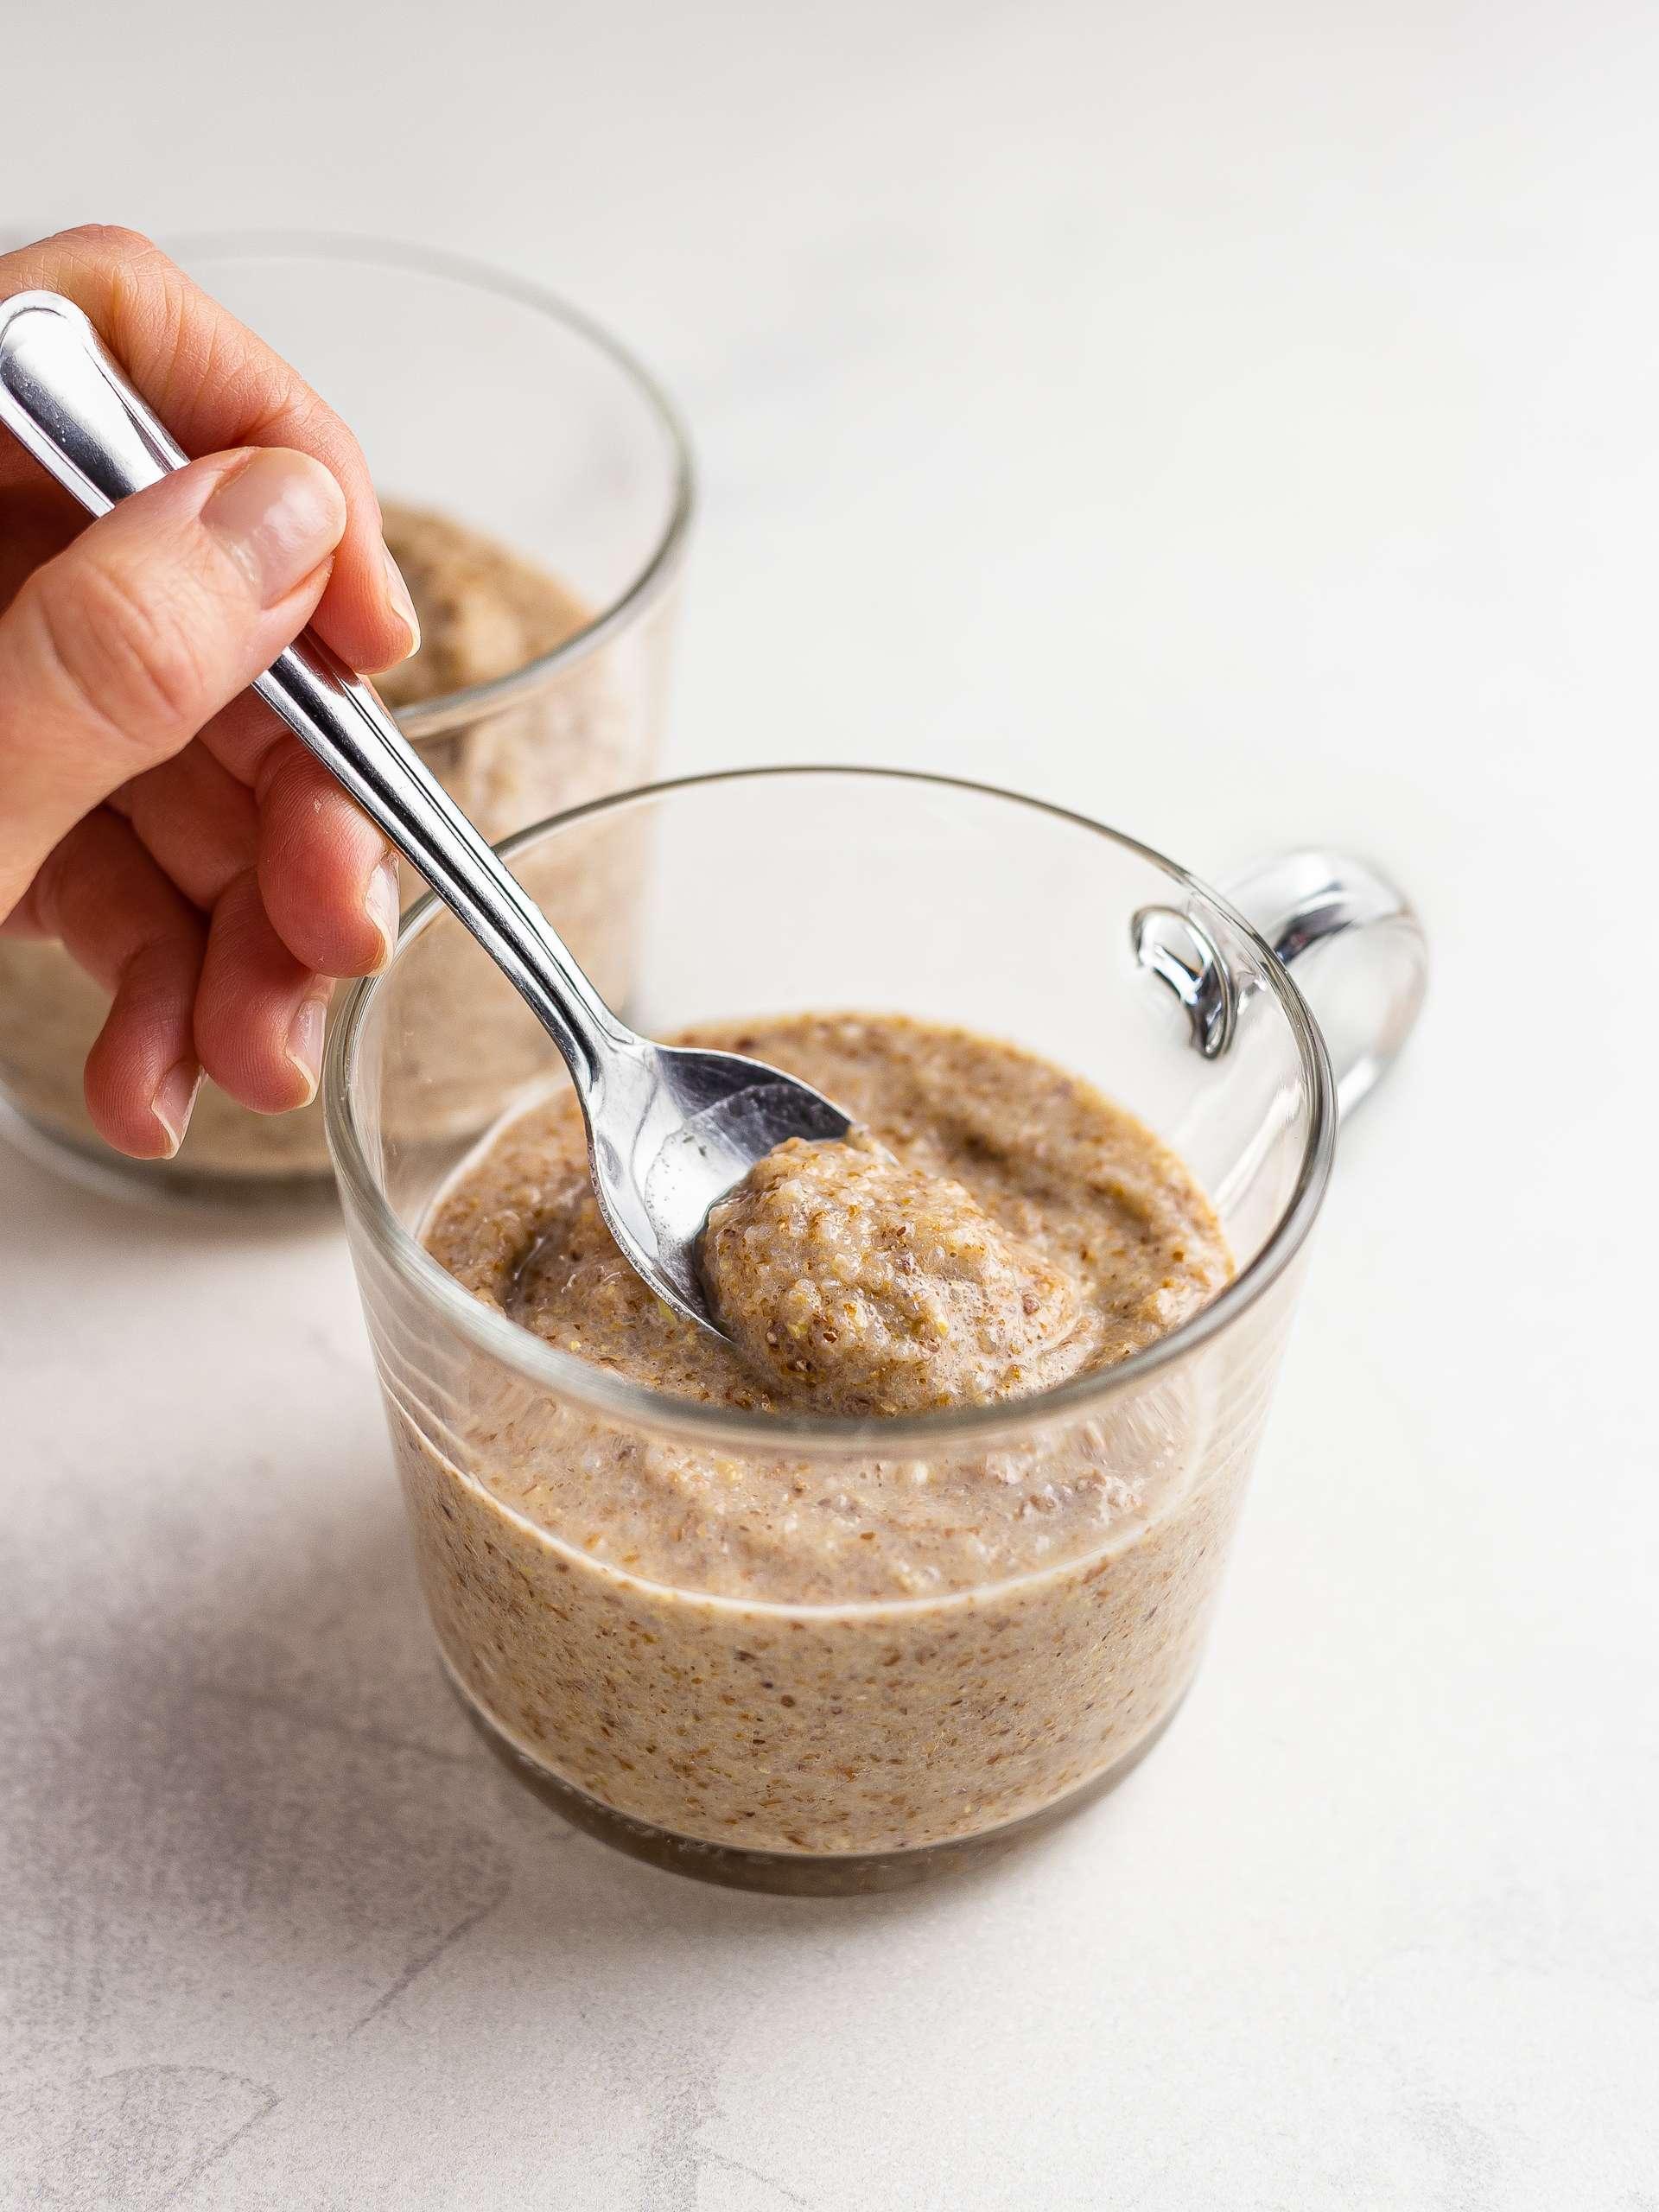 raw buckwheat porridge in a cup